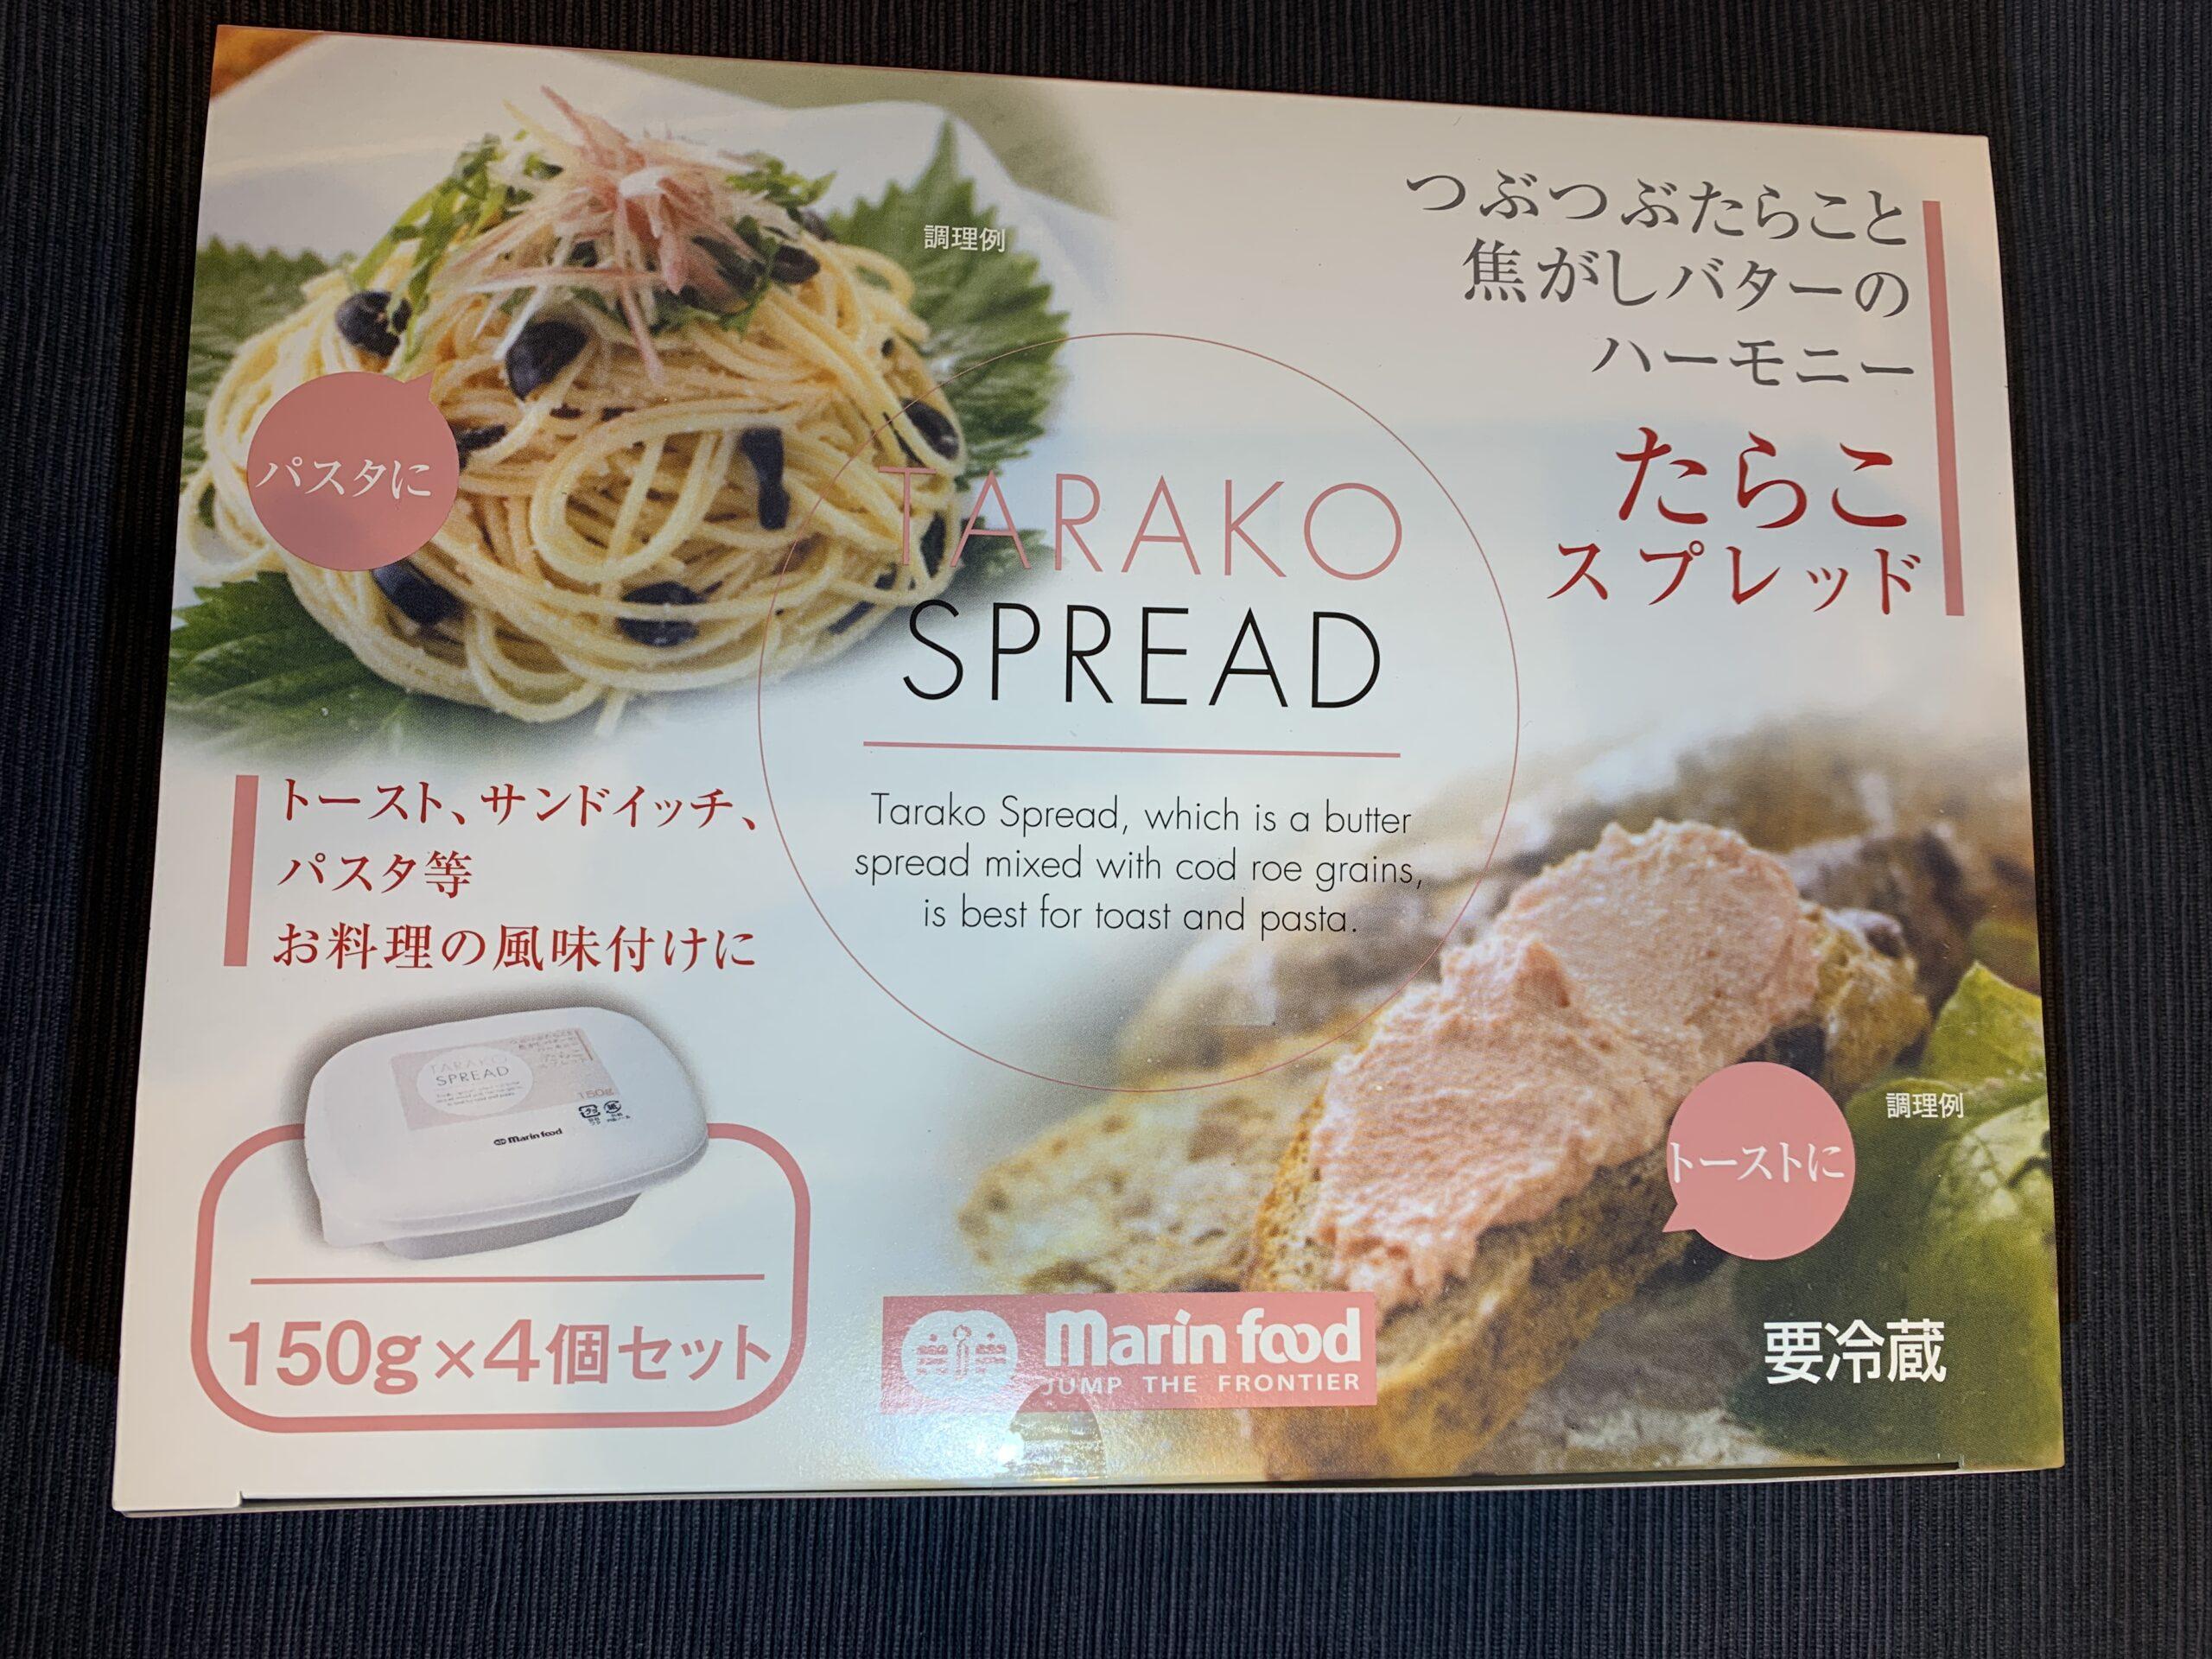 コストコたらこスプレッドのパスタは美味しい?値段やレシピは?